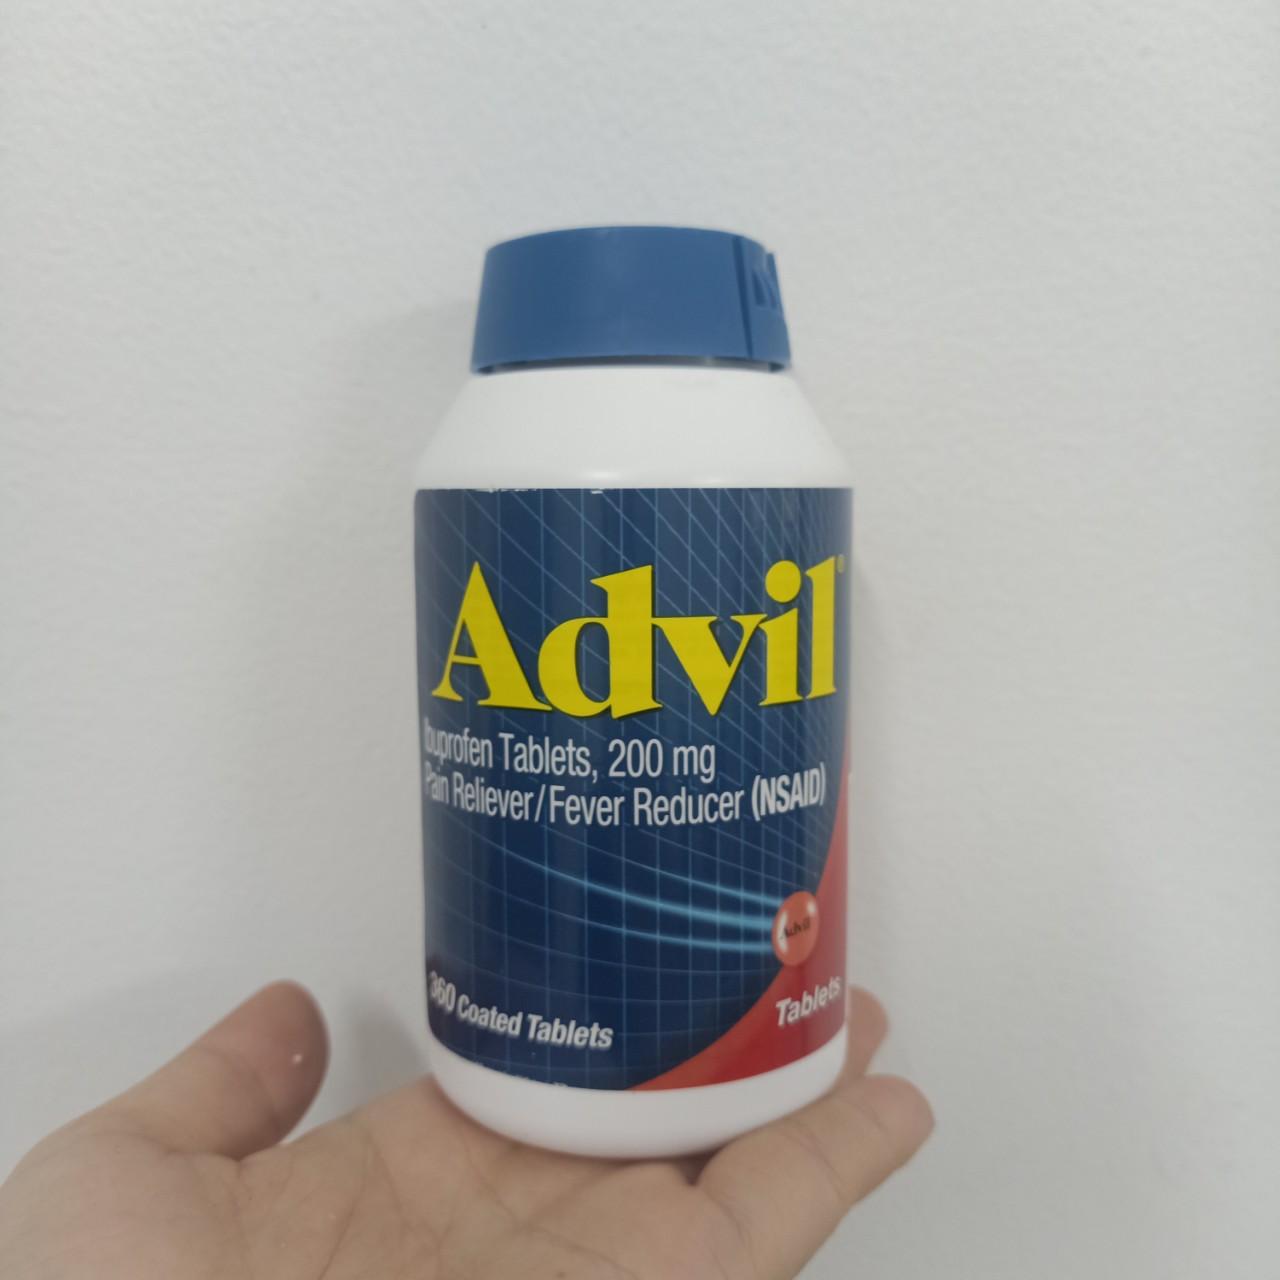 Viên Uống Advil Ibuprofen Tablest 200mg của mỹ hộp 360 viên